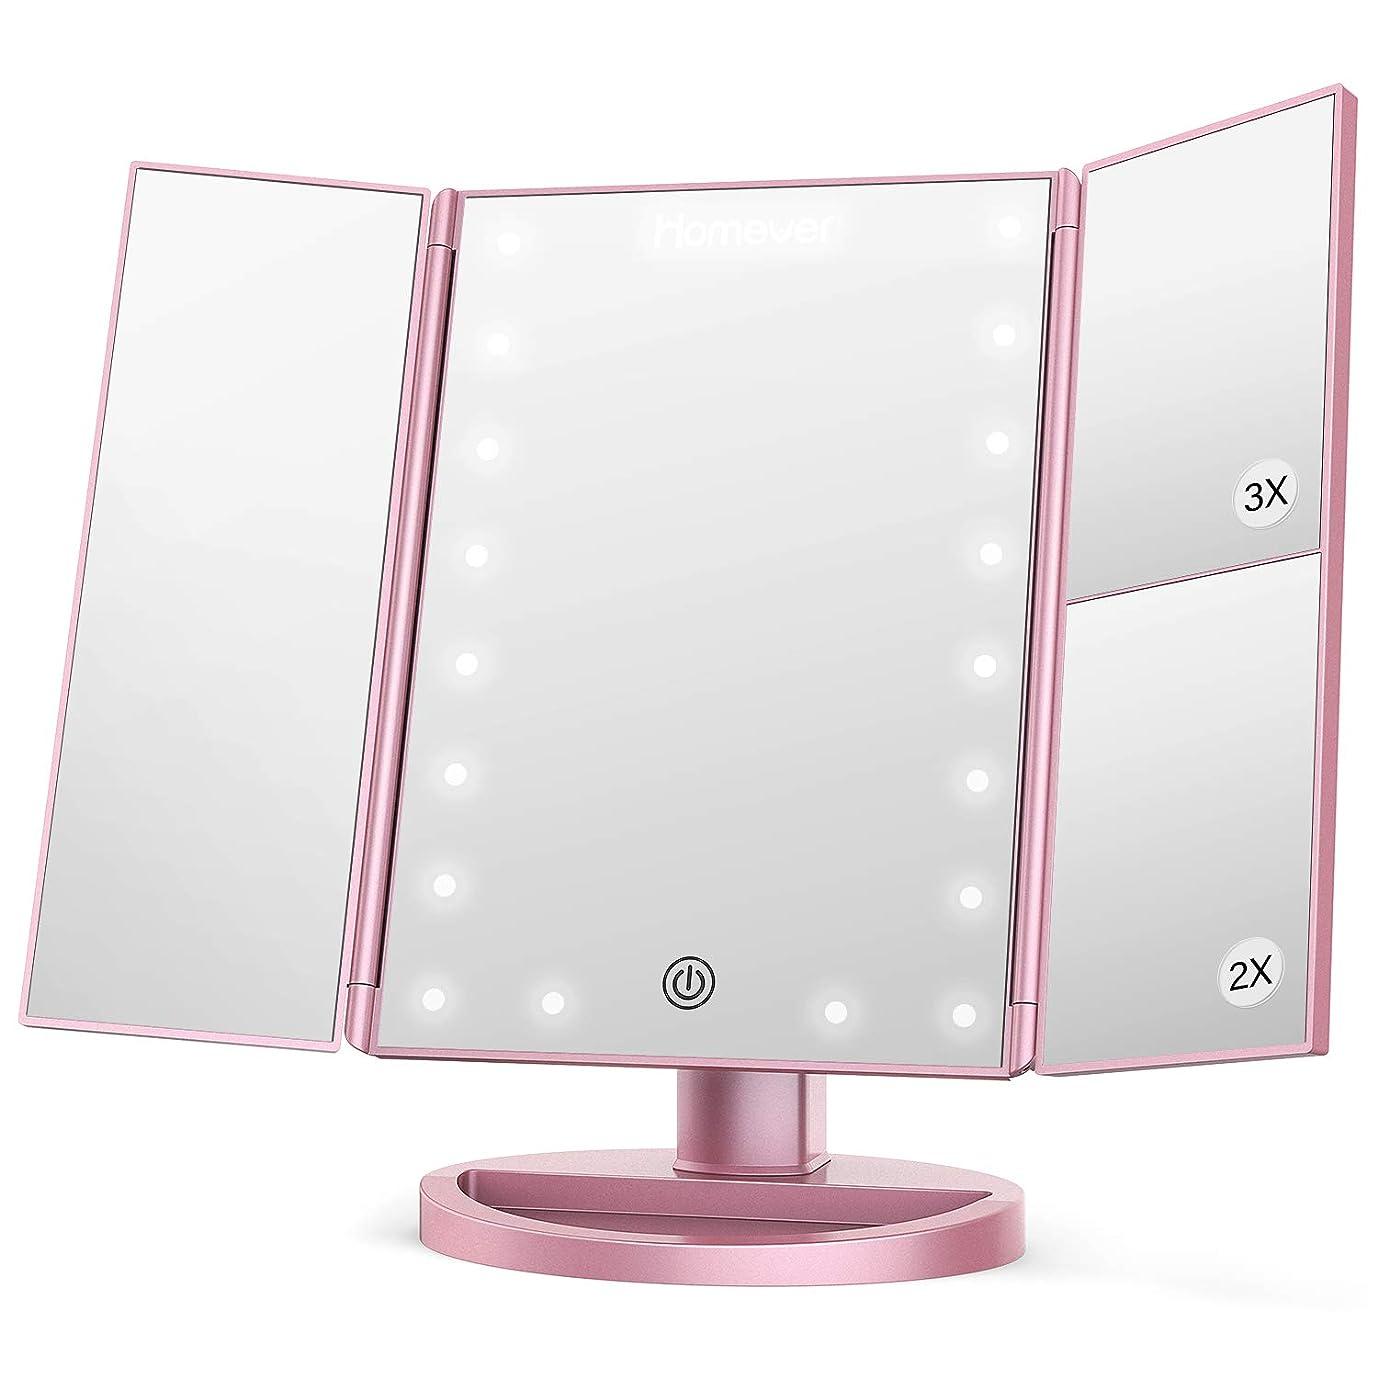 インスタントしないでください柔らかいHomever 化粧鏡 拡大鏡 鏡 卓上 LEDライト21灯三面鏡 2&3倍拡大鏡付 180 °回転 折りたたみ式 タッチパネル 明るさ?角度自由調整 女優ミラー 電池&USB 2WAY給電